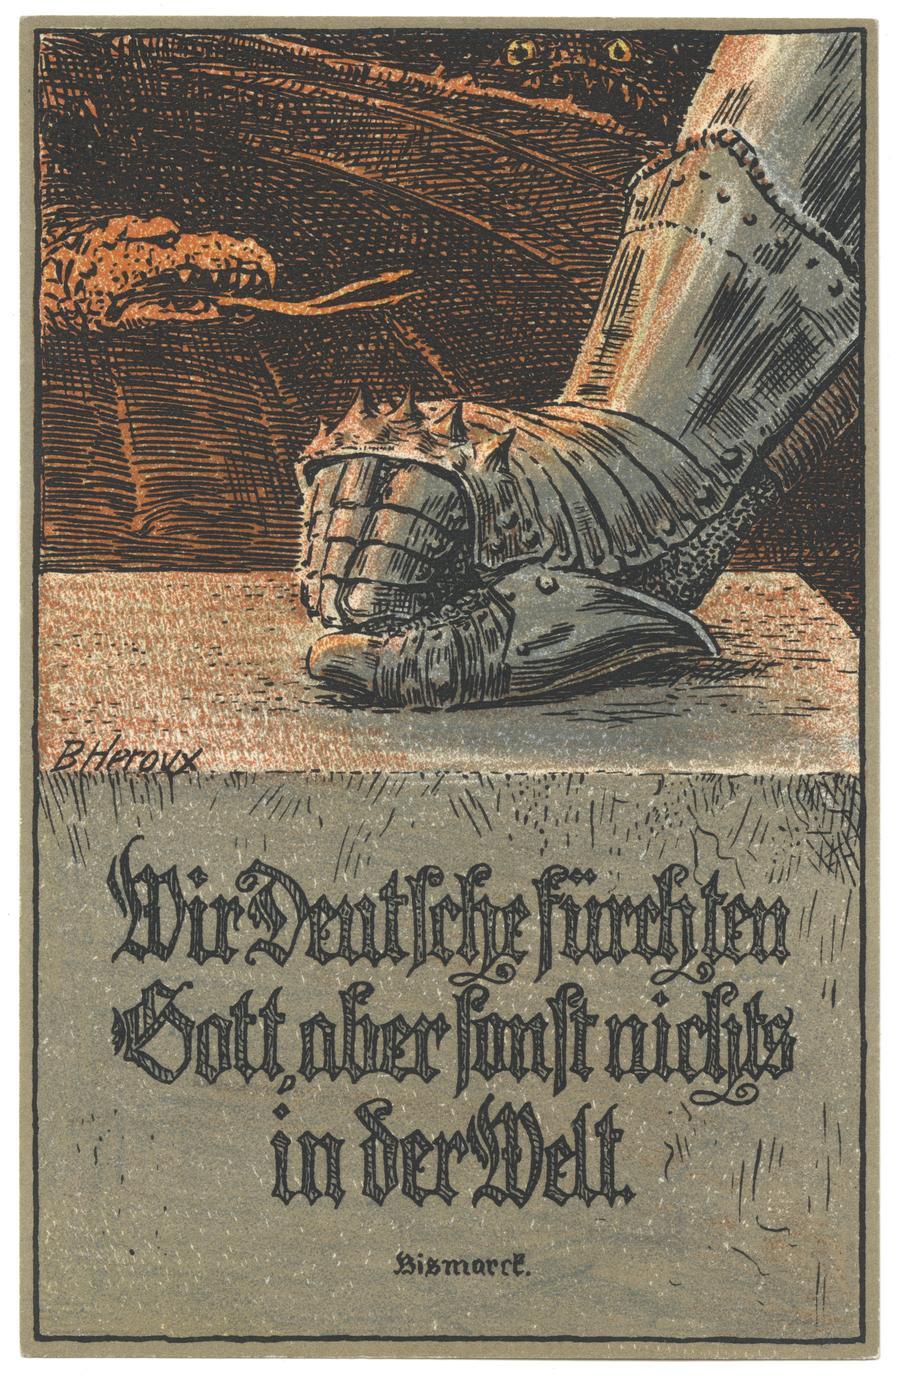 Wir Deutsche fürchten Gott, aber sonst nichts in der Welt. Bismarck